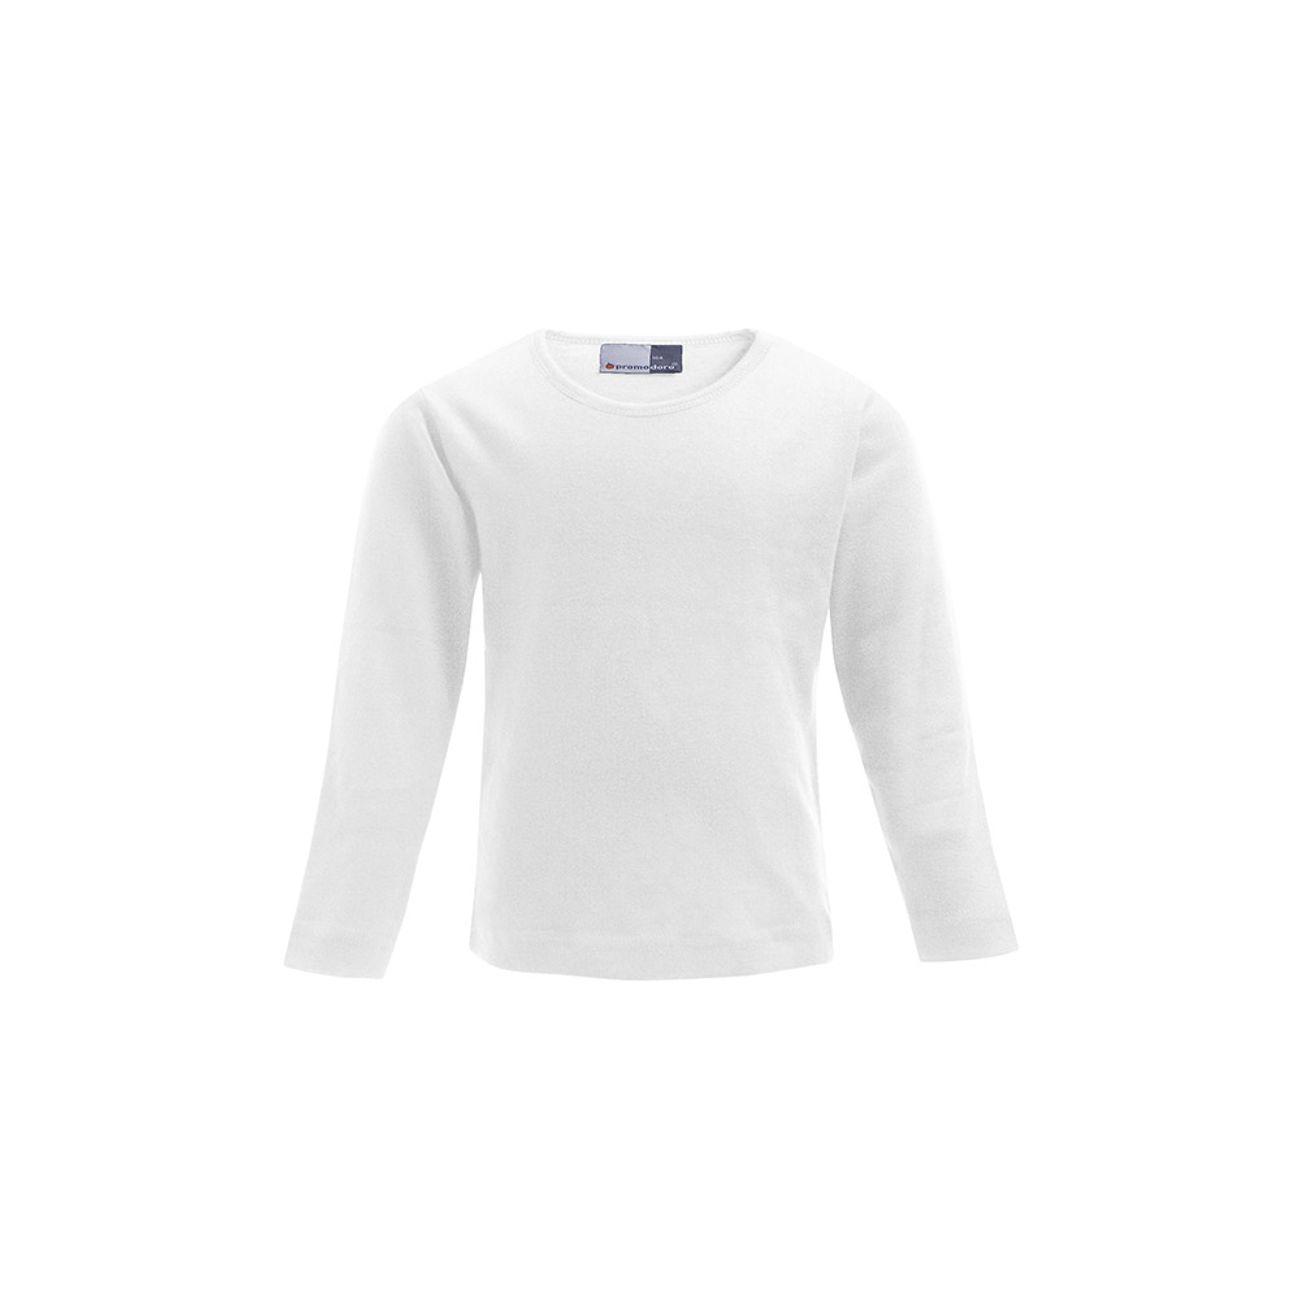 Reebok Hommes Sweat Veste Shirt précisément Coupe Capuche Pull automne Taille S M